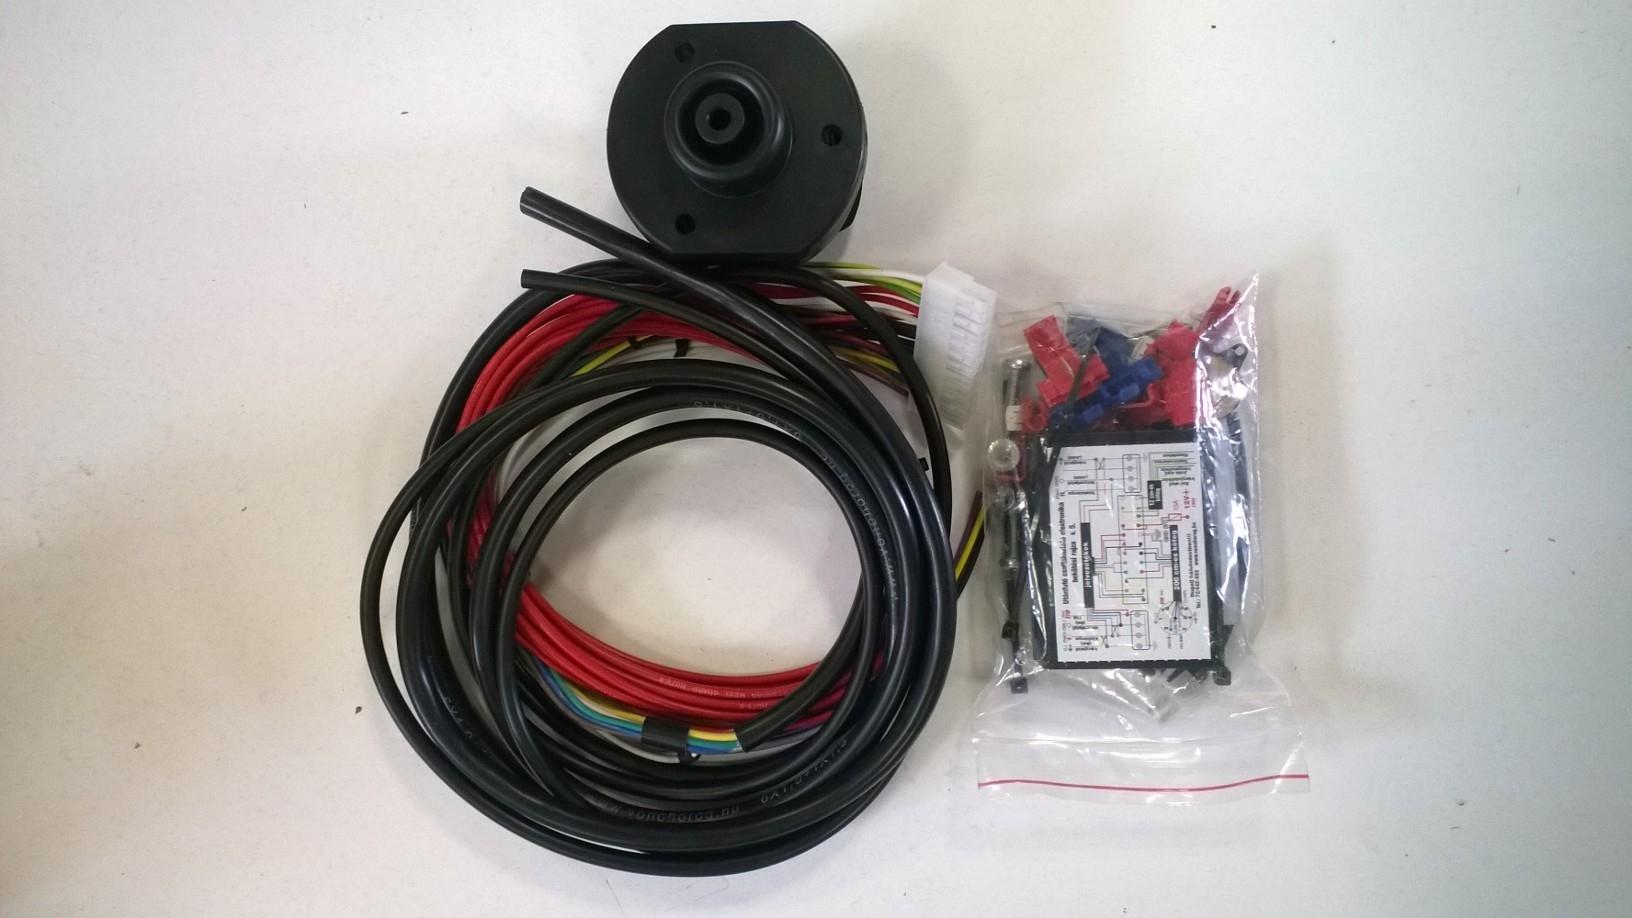 VISSZAJELZŐ ELEKTRONIKA CAN-BUS 7 pólusú kábel szett, öndignosztizáló eszköz